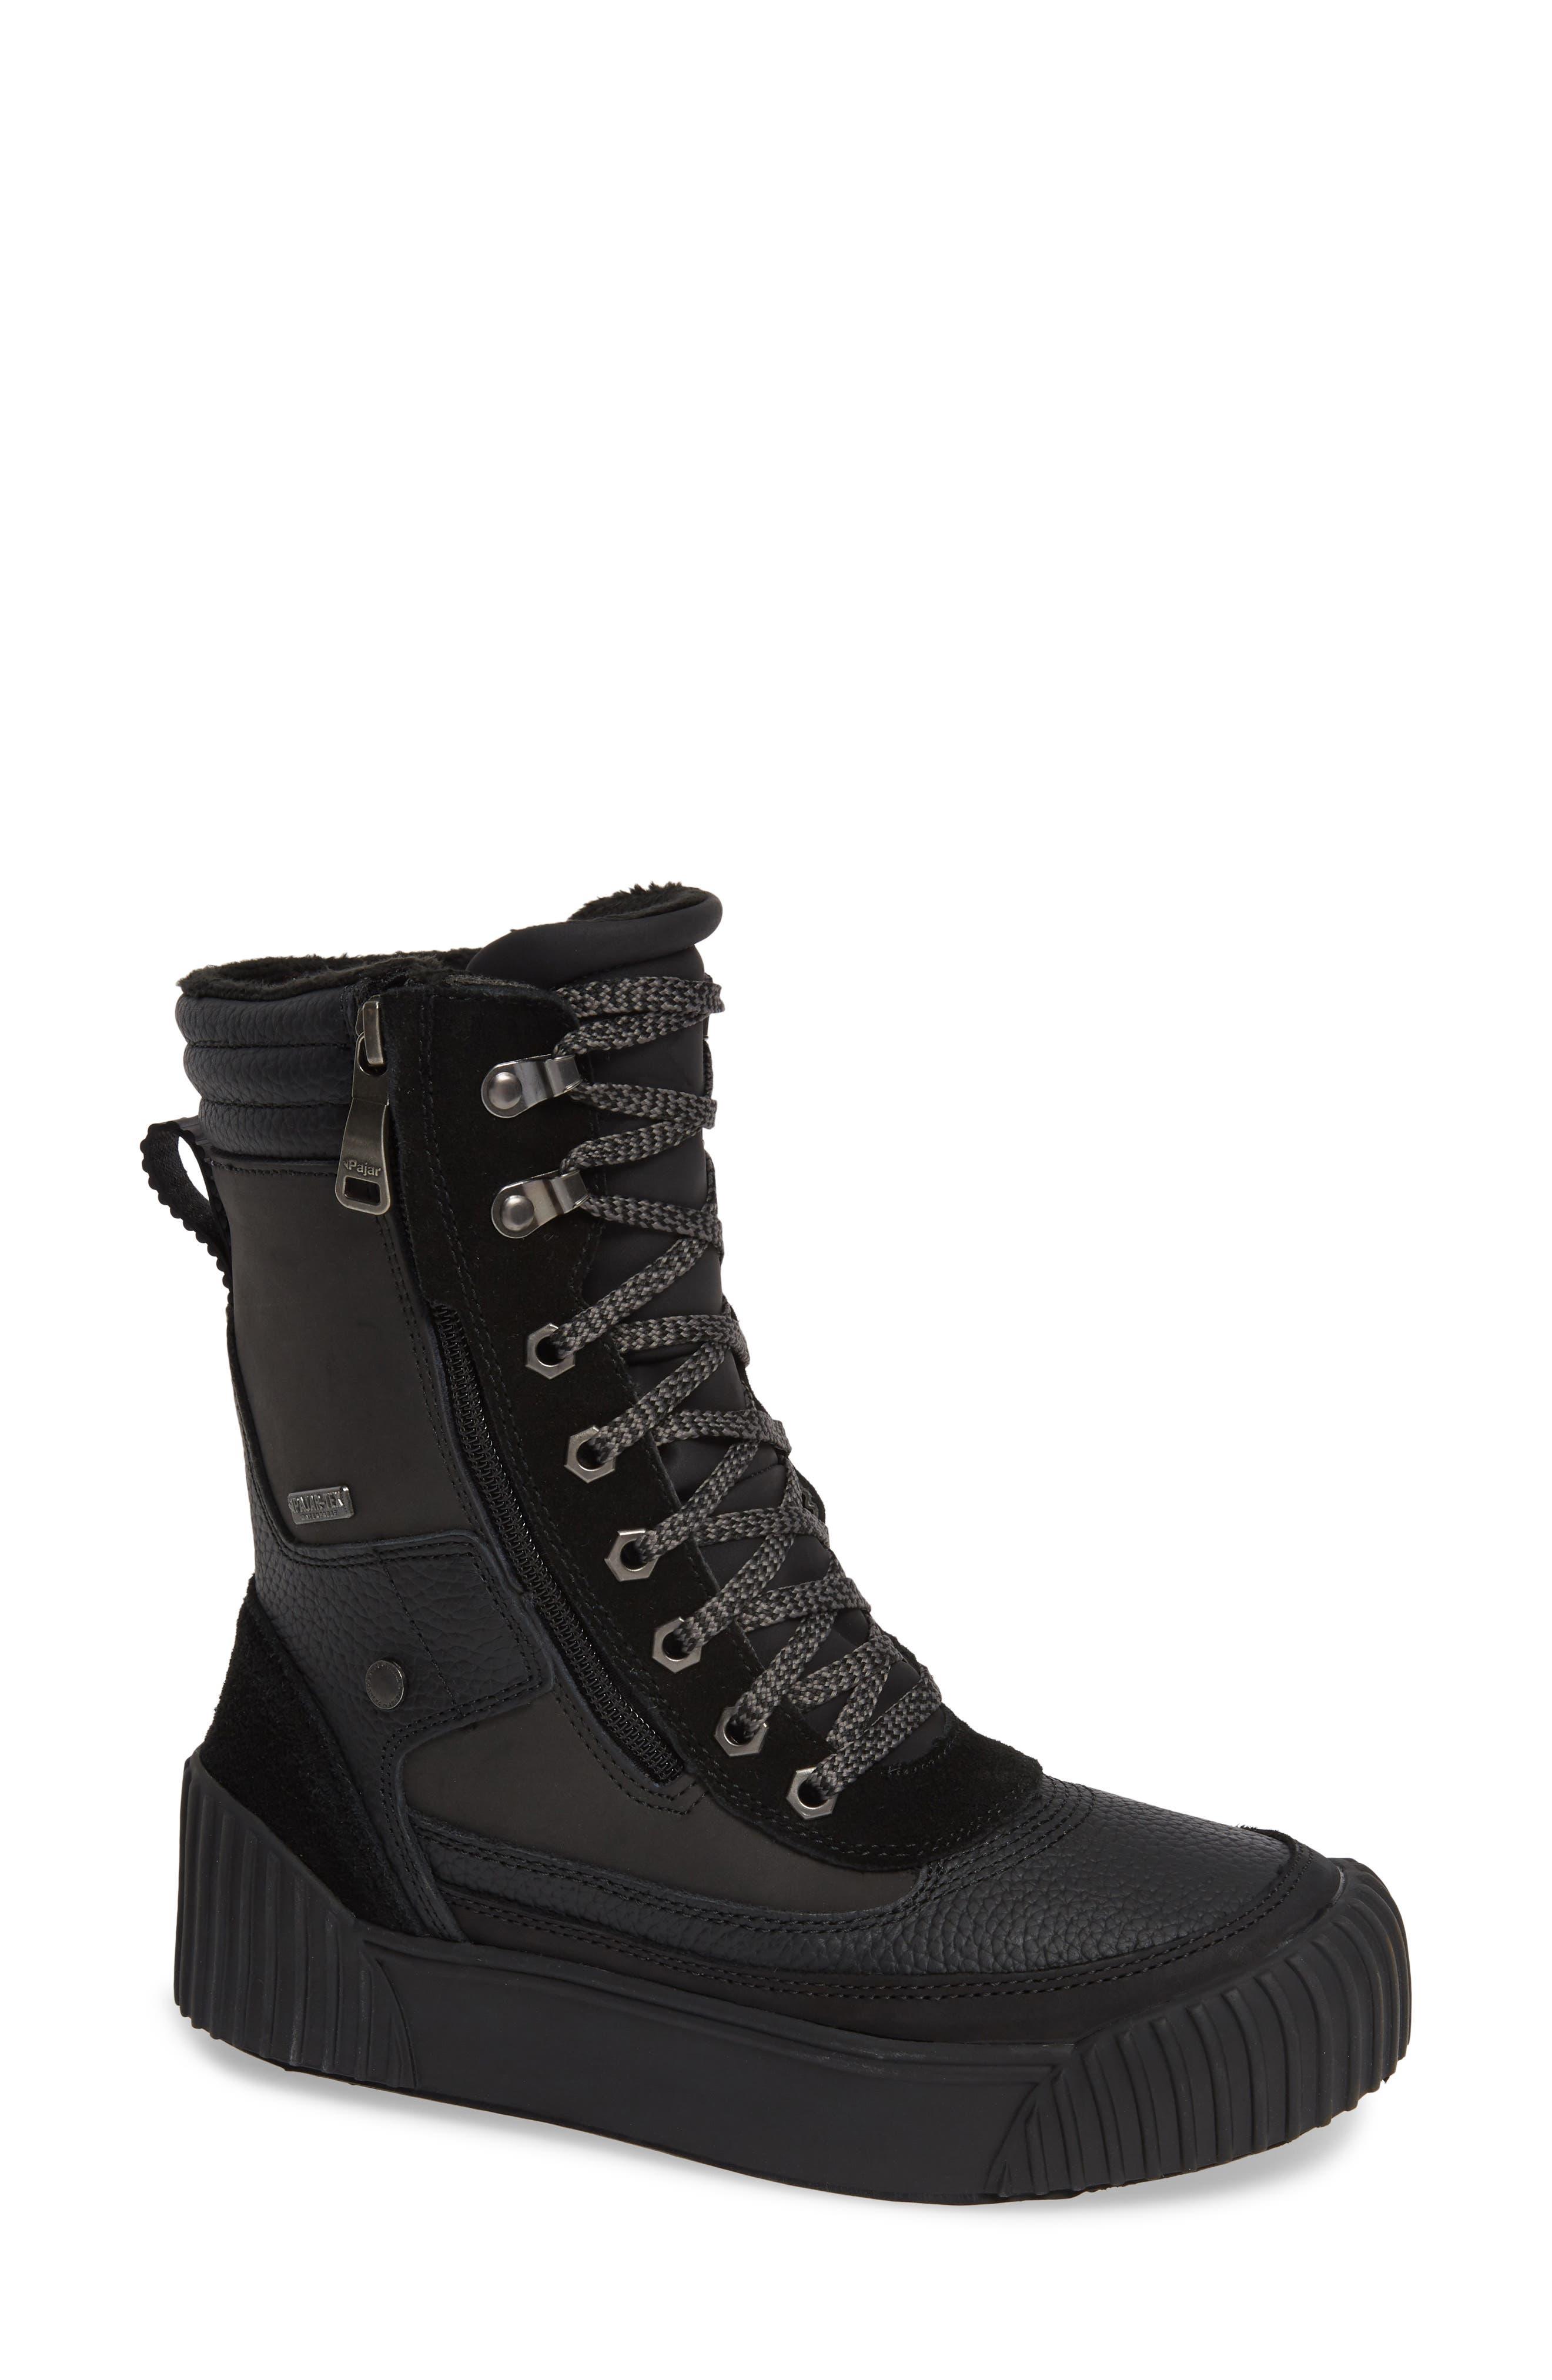 PAJAR Roya Waterproof Sneaker Boot, Main, color, BLACK